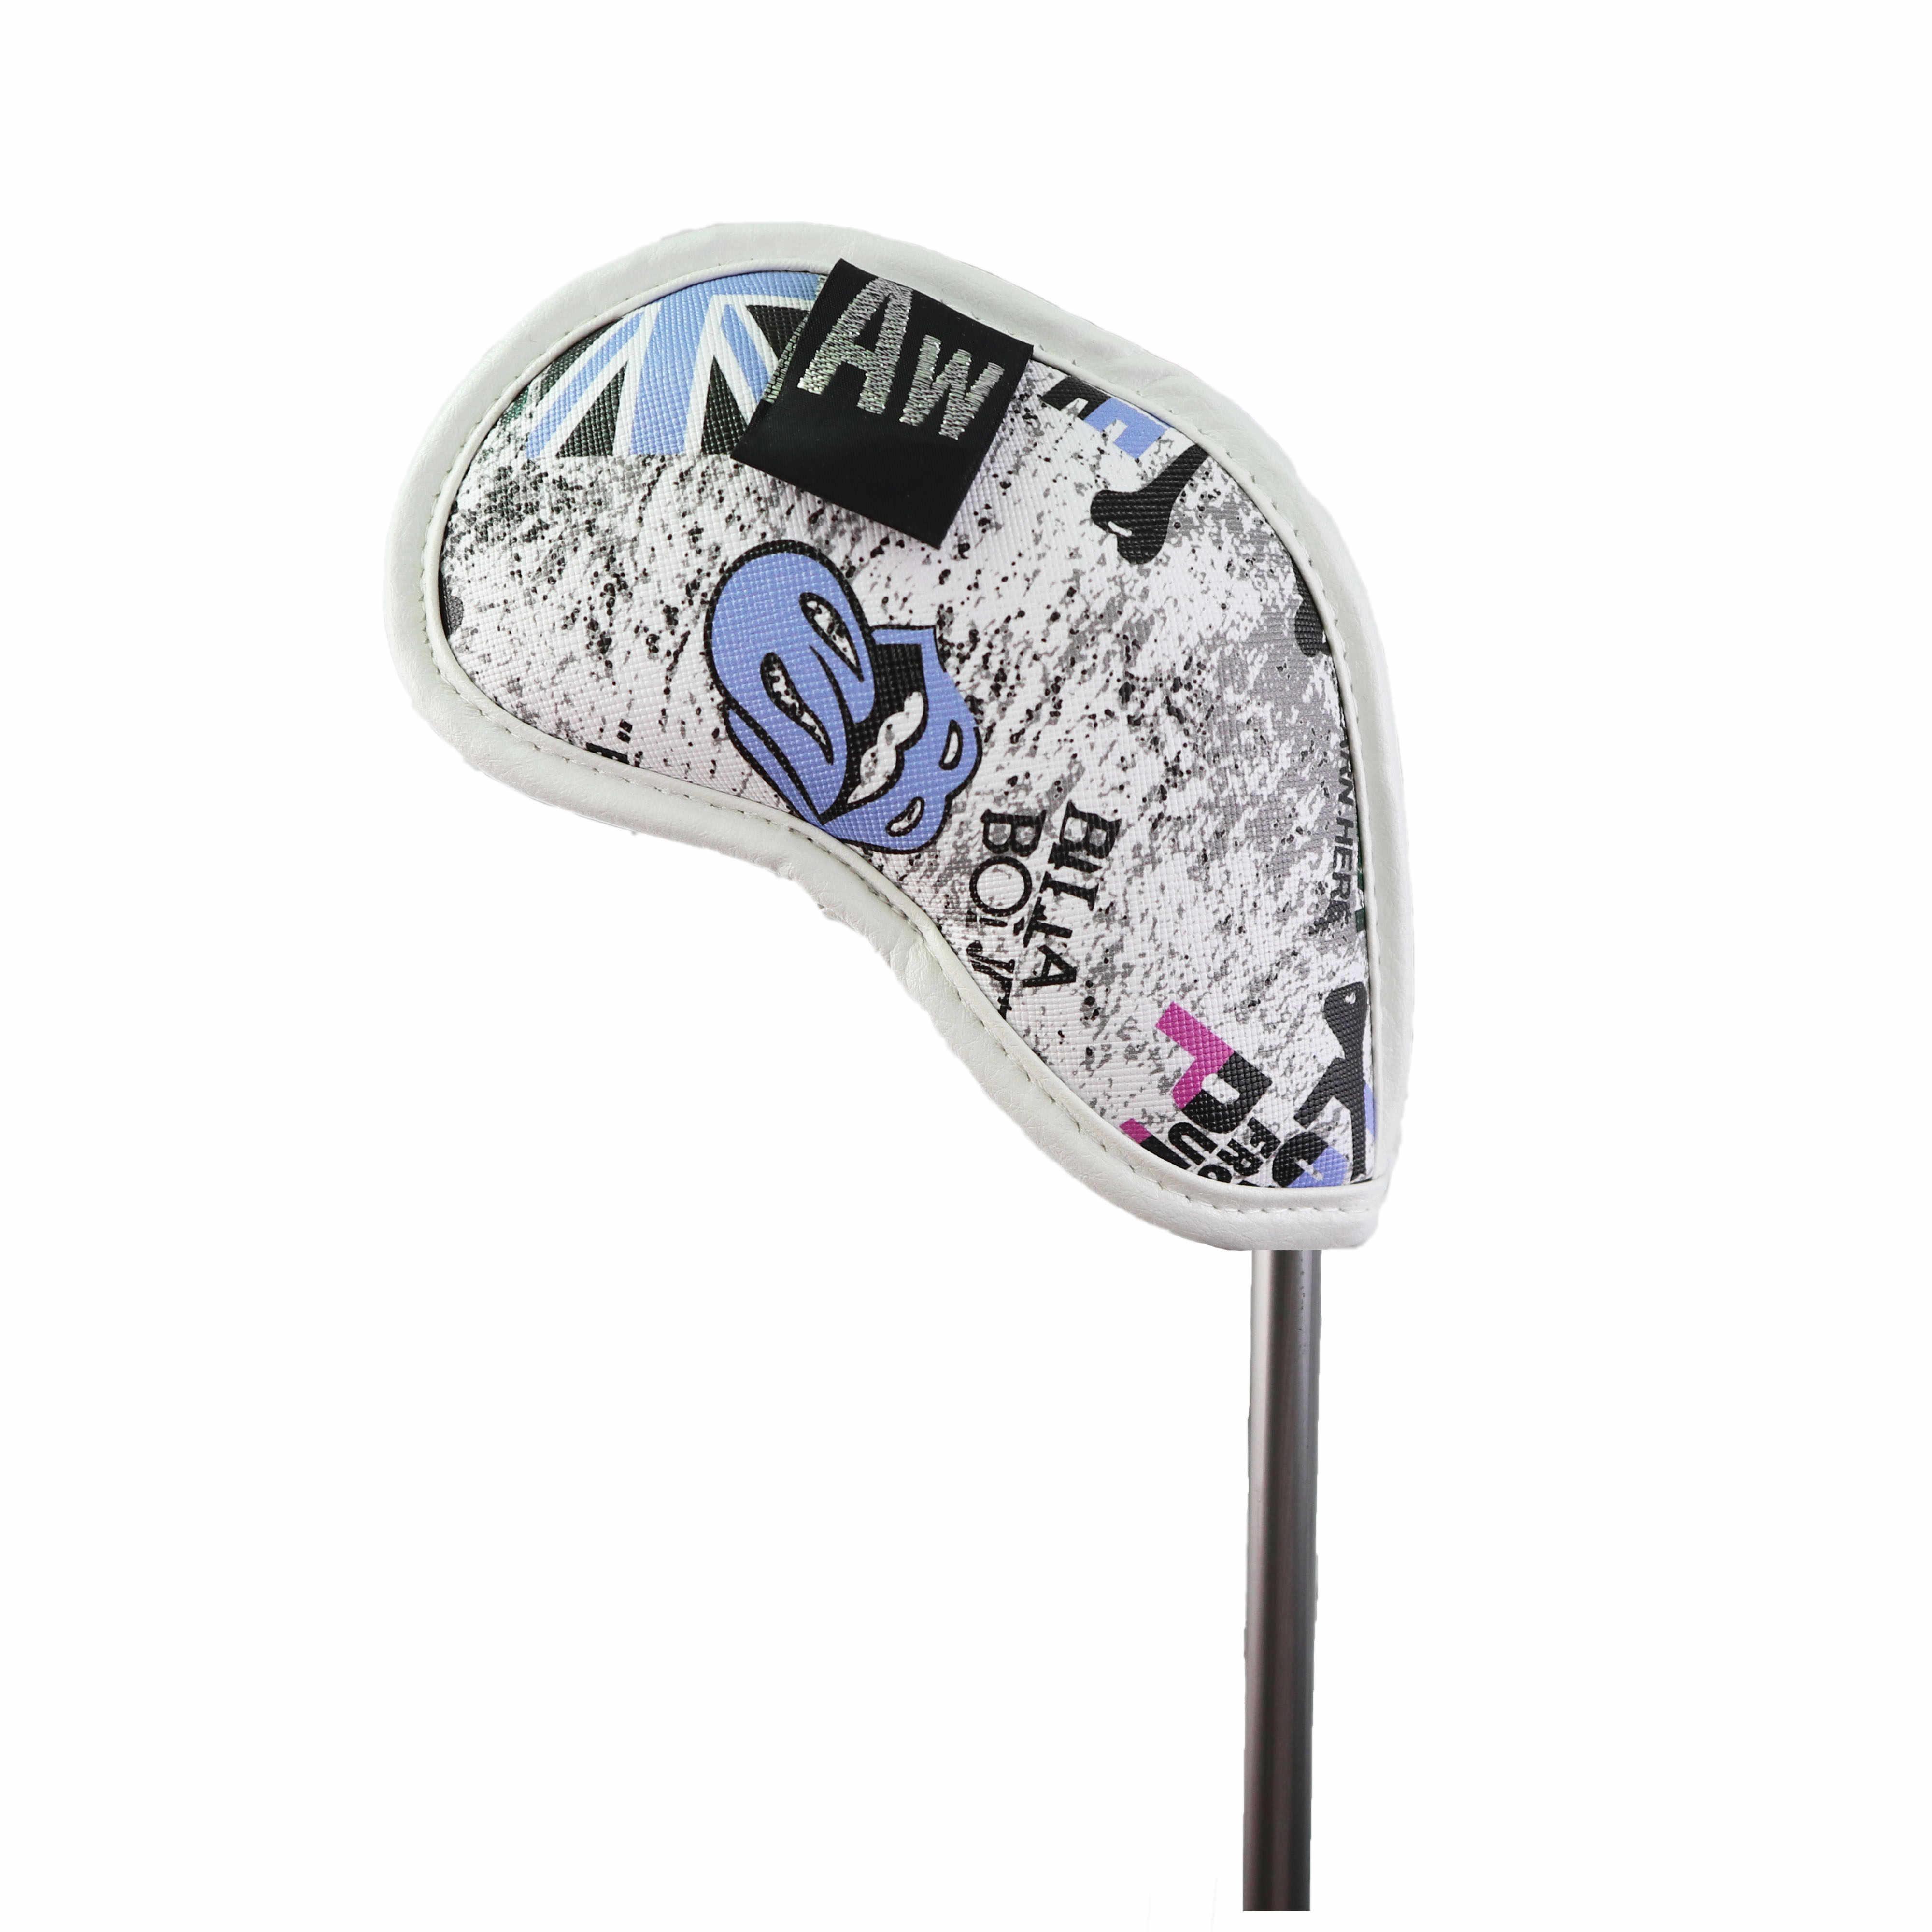 Утюжок для гольфа NRC 10 шт., головной убор с британским флагом, череп с бирками с номерами, толстая искусственная кожа, железный клубный головной убор